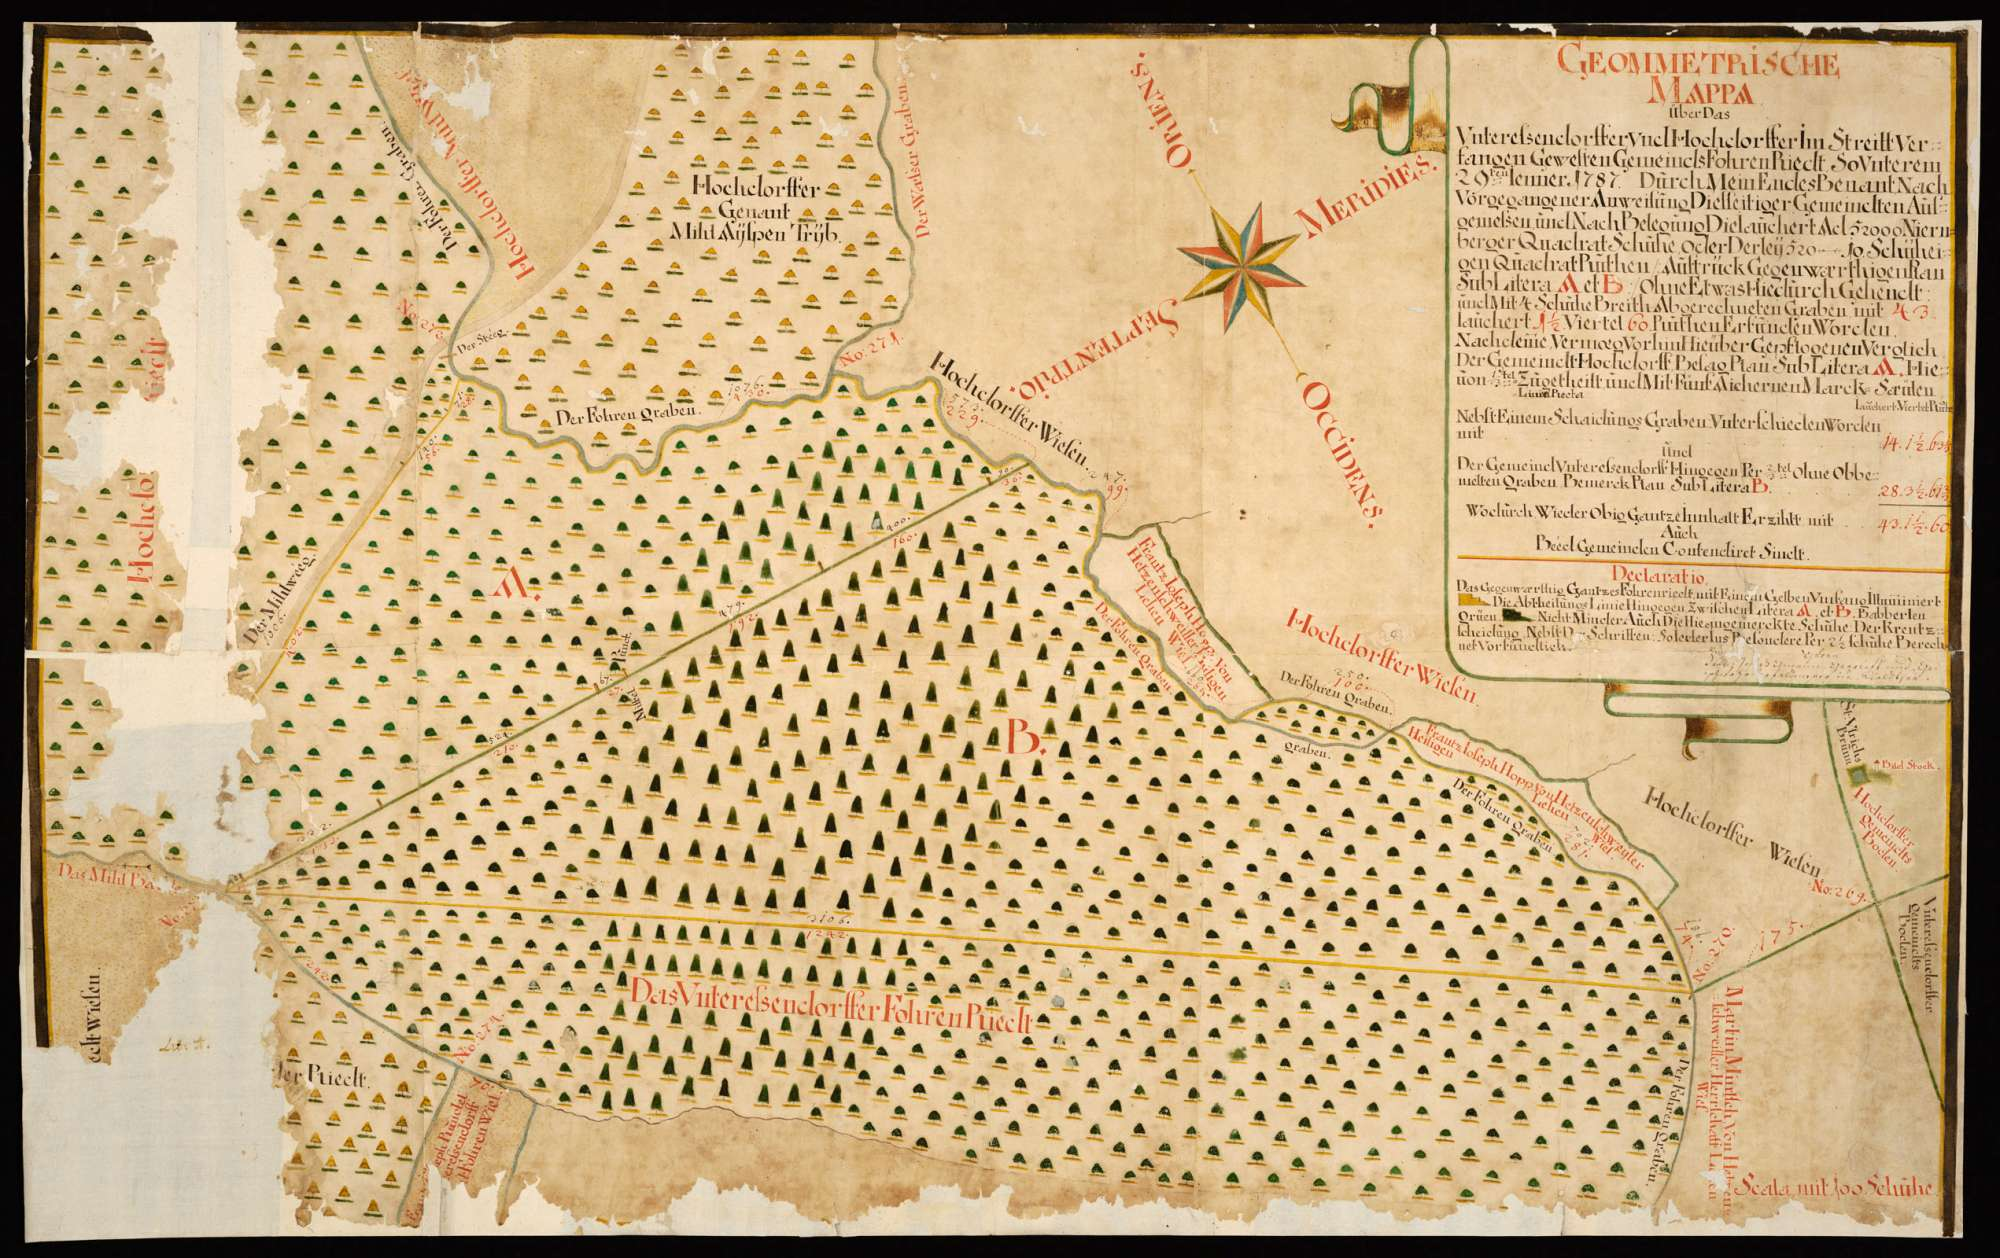 """Hochdorf - Unteressendorf """"Geometrische Mappa über das Unteressendorffer und Hochdorffer im Streitt verfangen gewesten Gemeinds Fohren Riedt, so unterem 29ten Jenner 1787 ..."""", Bild 2"""